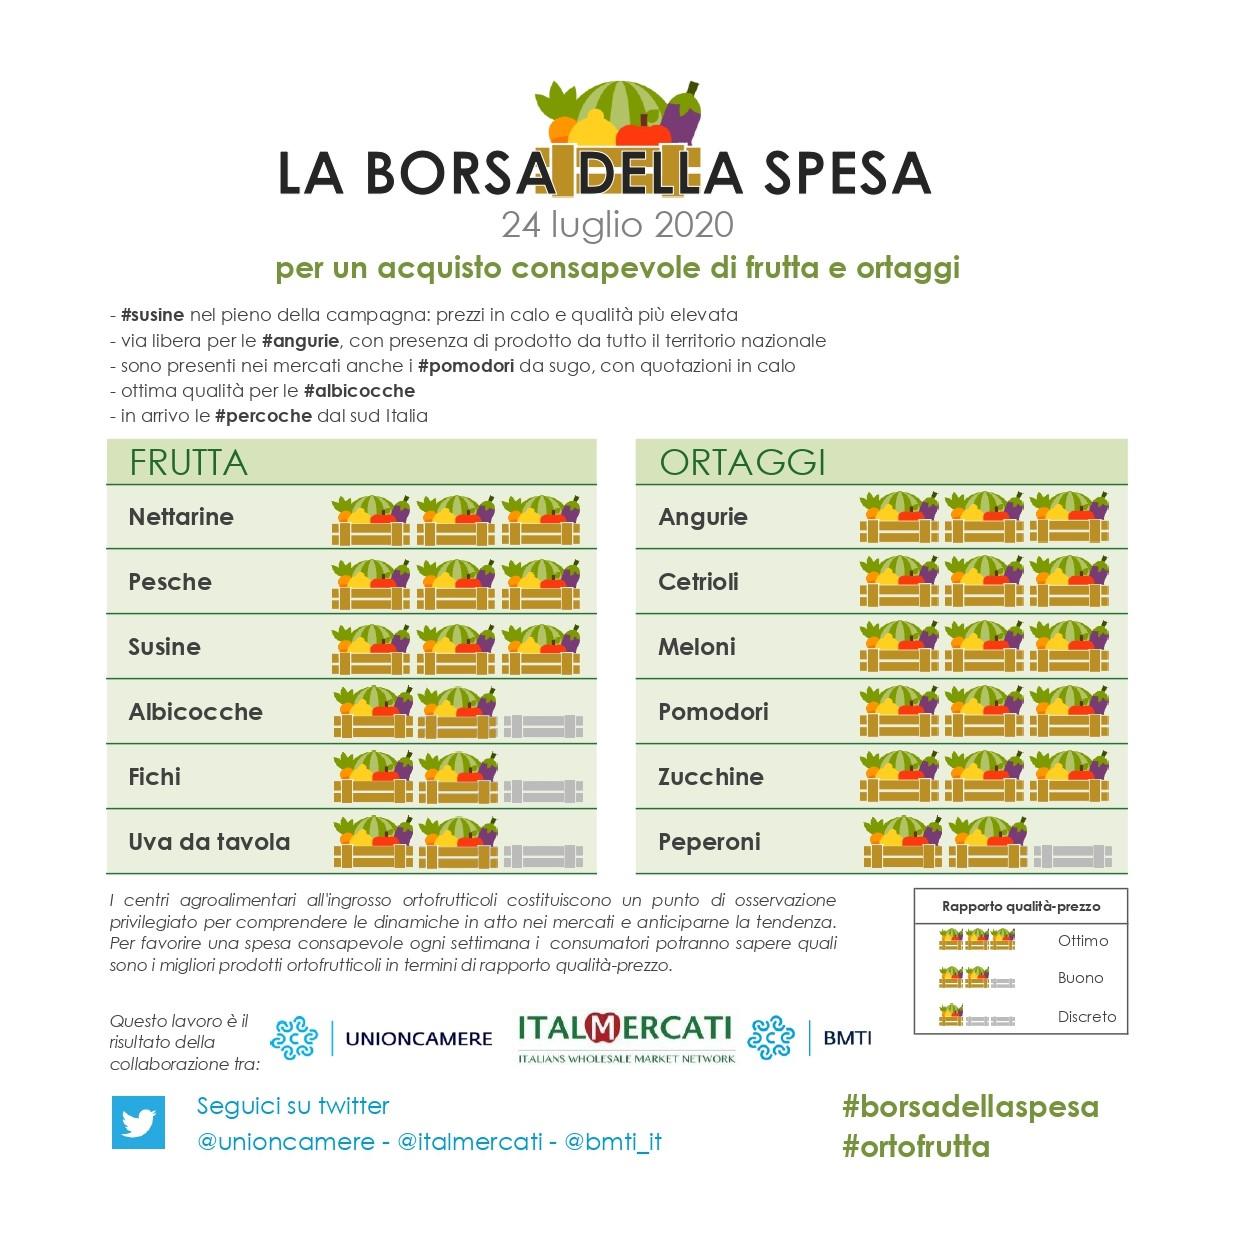 nella #borsadellaspesa di #ortofrutta di questa settimana 24 luglio: #angurie, #cetrioli, #meloni, #pomodori, #zucchine, #nettarine, #pesche e #susine